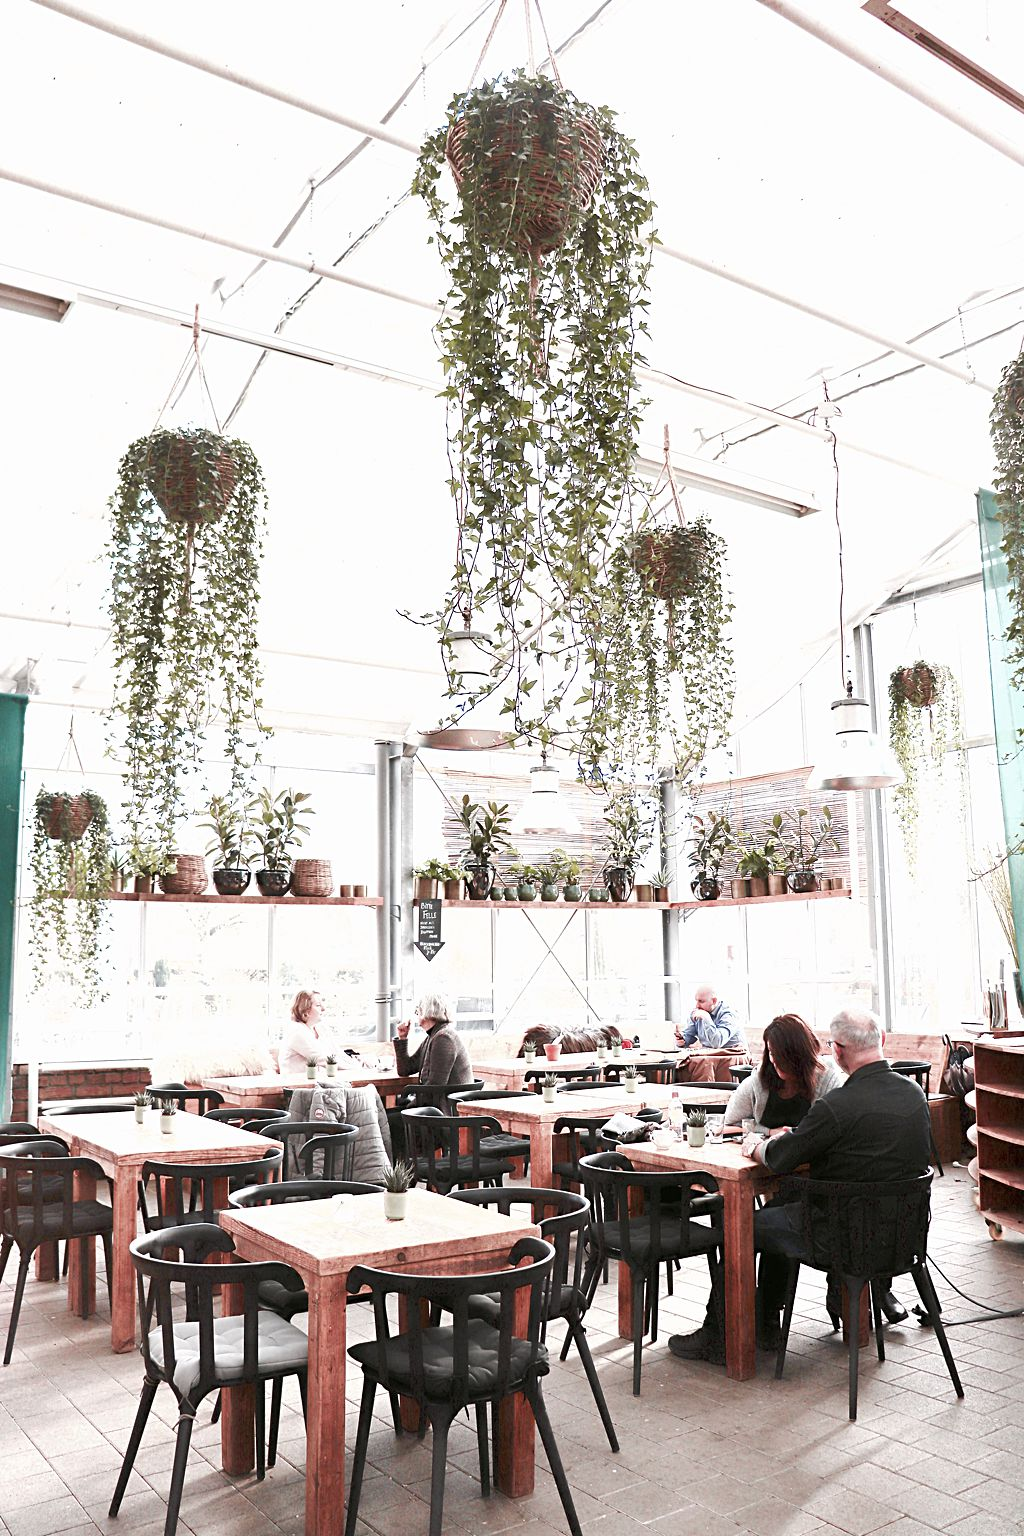 Café Huben, Ladenburg, Heidelberg, Badepraline on Tour, Ladenburger Gartenlust, Frühling bitte - Naturseifen, Blumen, Pflanzen, Baumschule, Baumschule Huben, Gartencenter, Café, Adventslust Huben